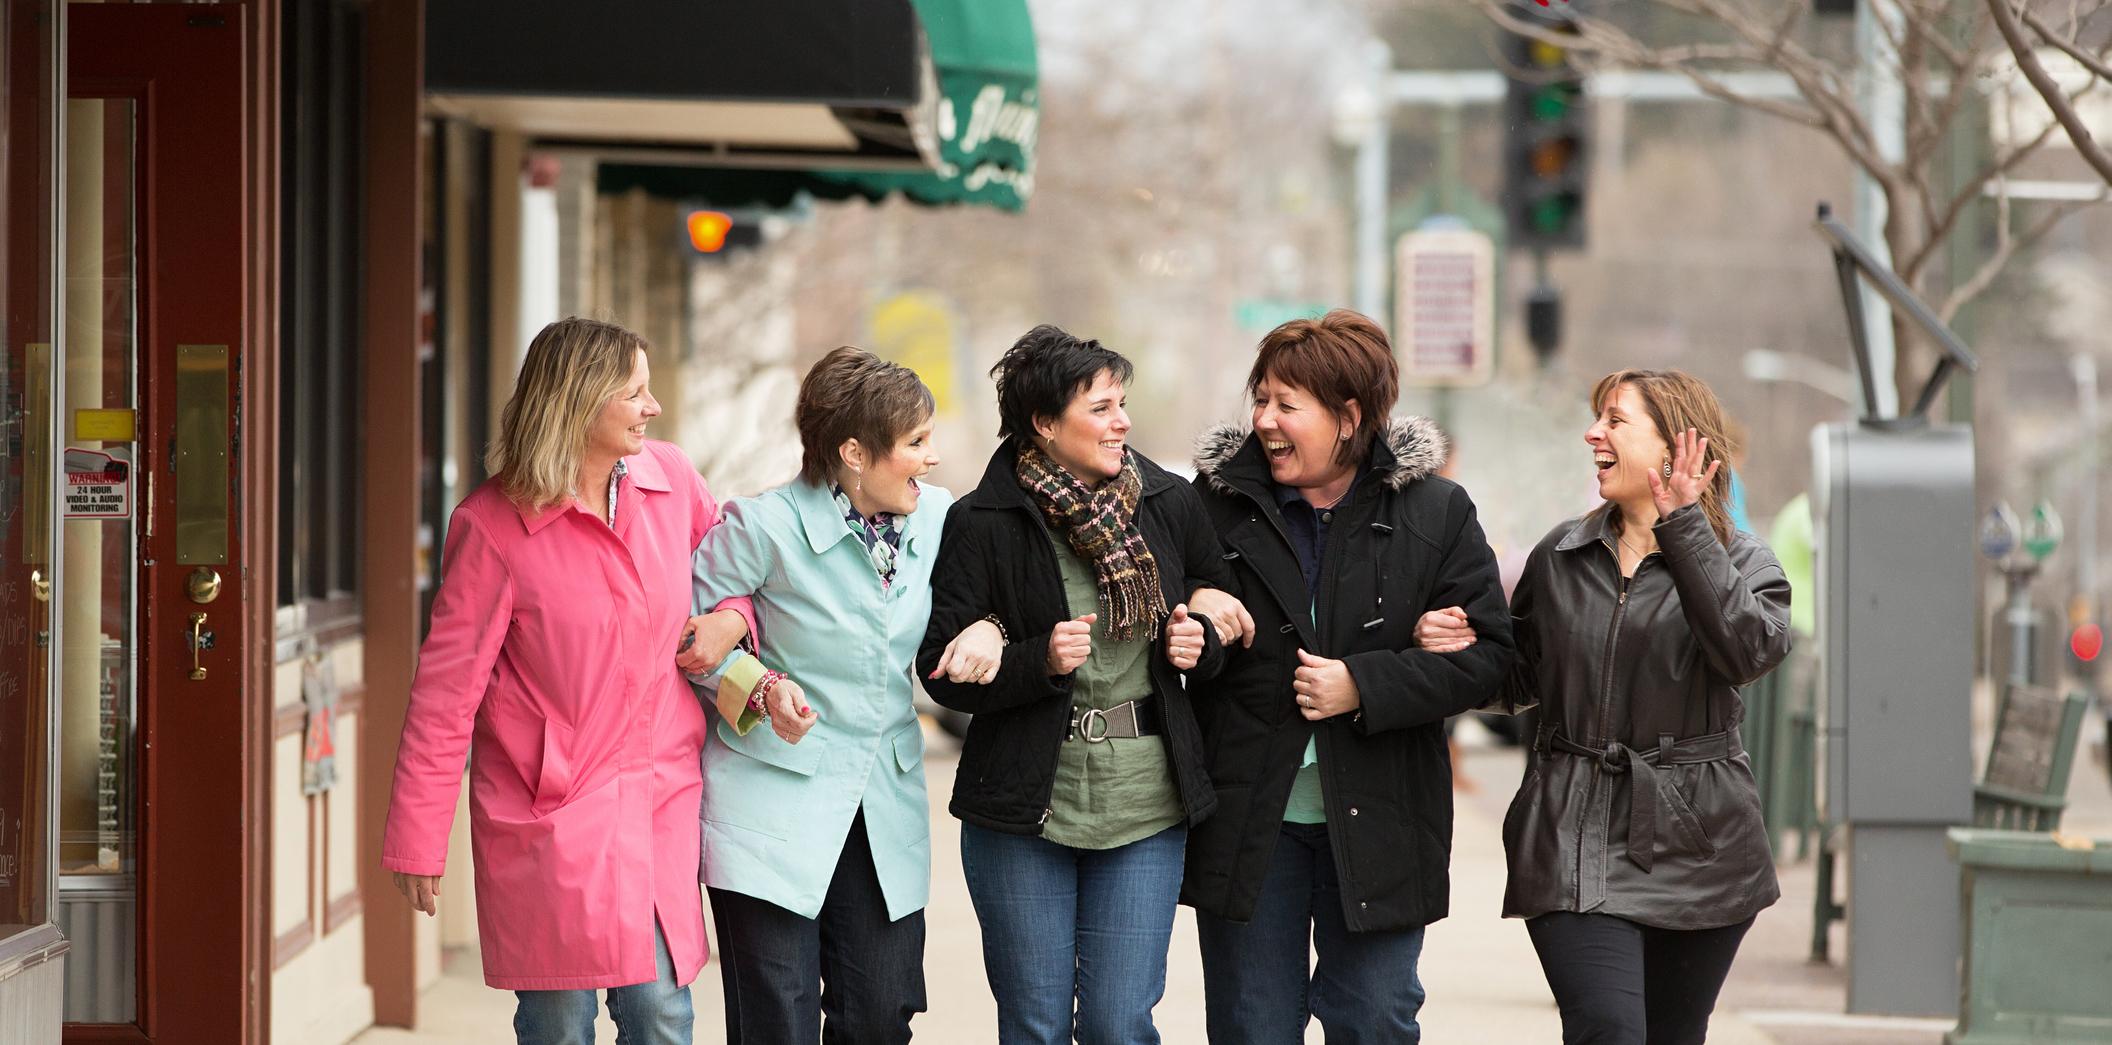 Bunch of women friends having fun.